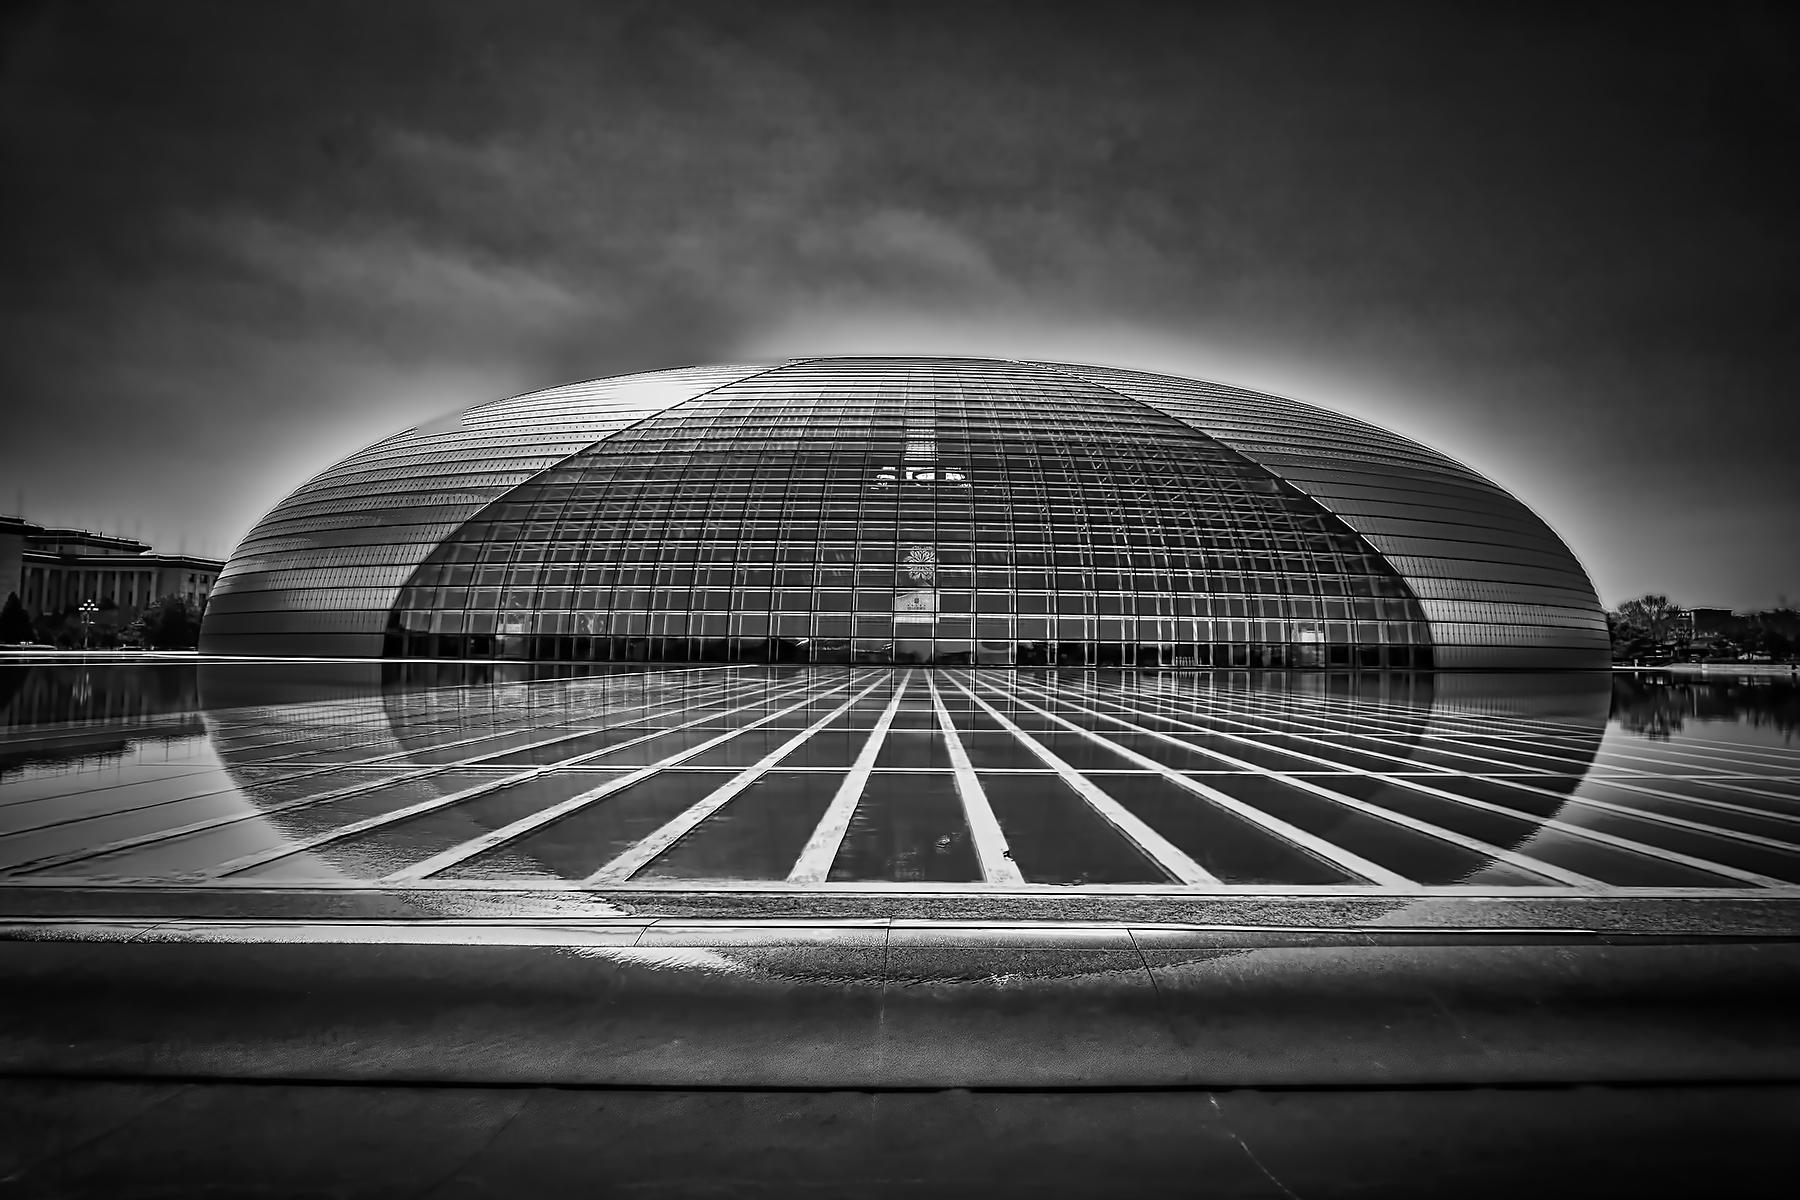 Carlos_Esguerra_The Egg_Beijing The Egg-0030_2.jpg